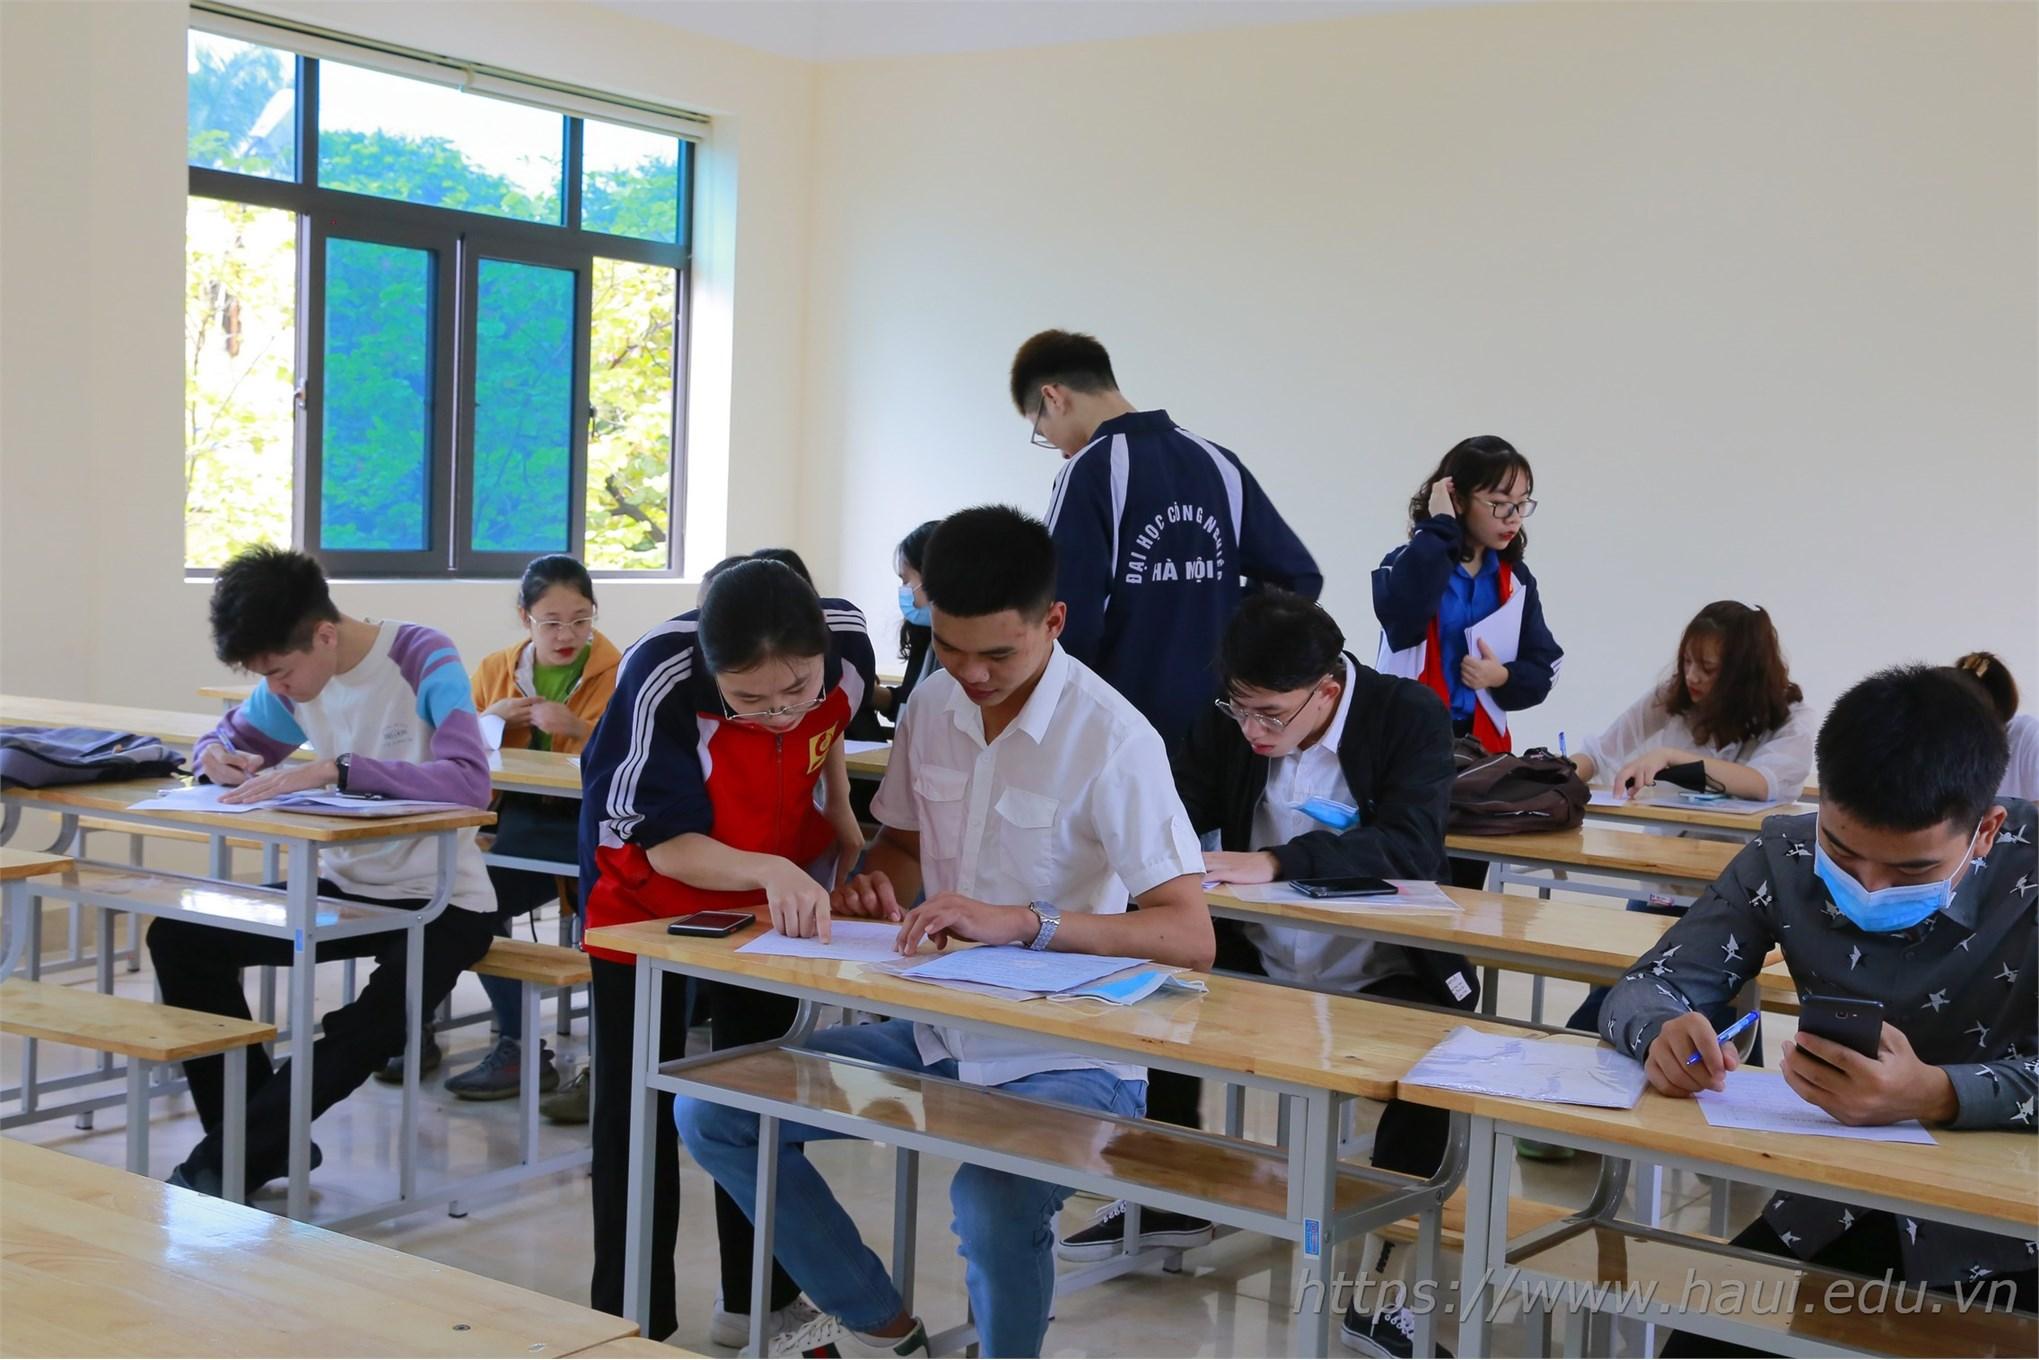 7.000 tân sinh viên ra nhập ngôi nhà chung Đại học Công nghiệp Hà Nội